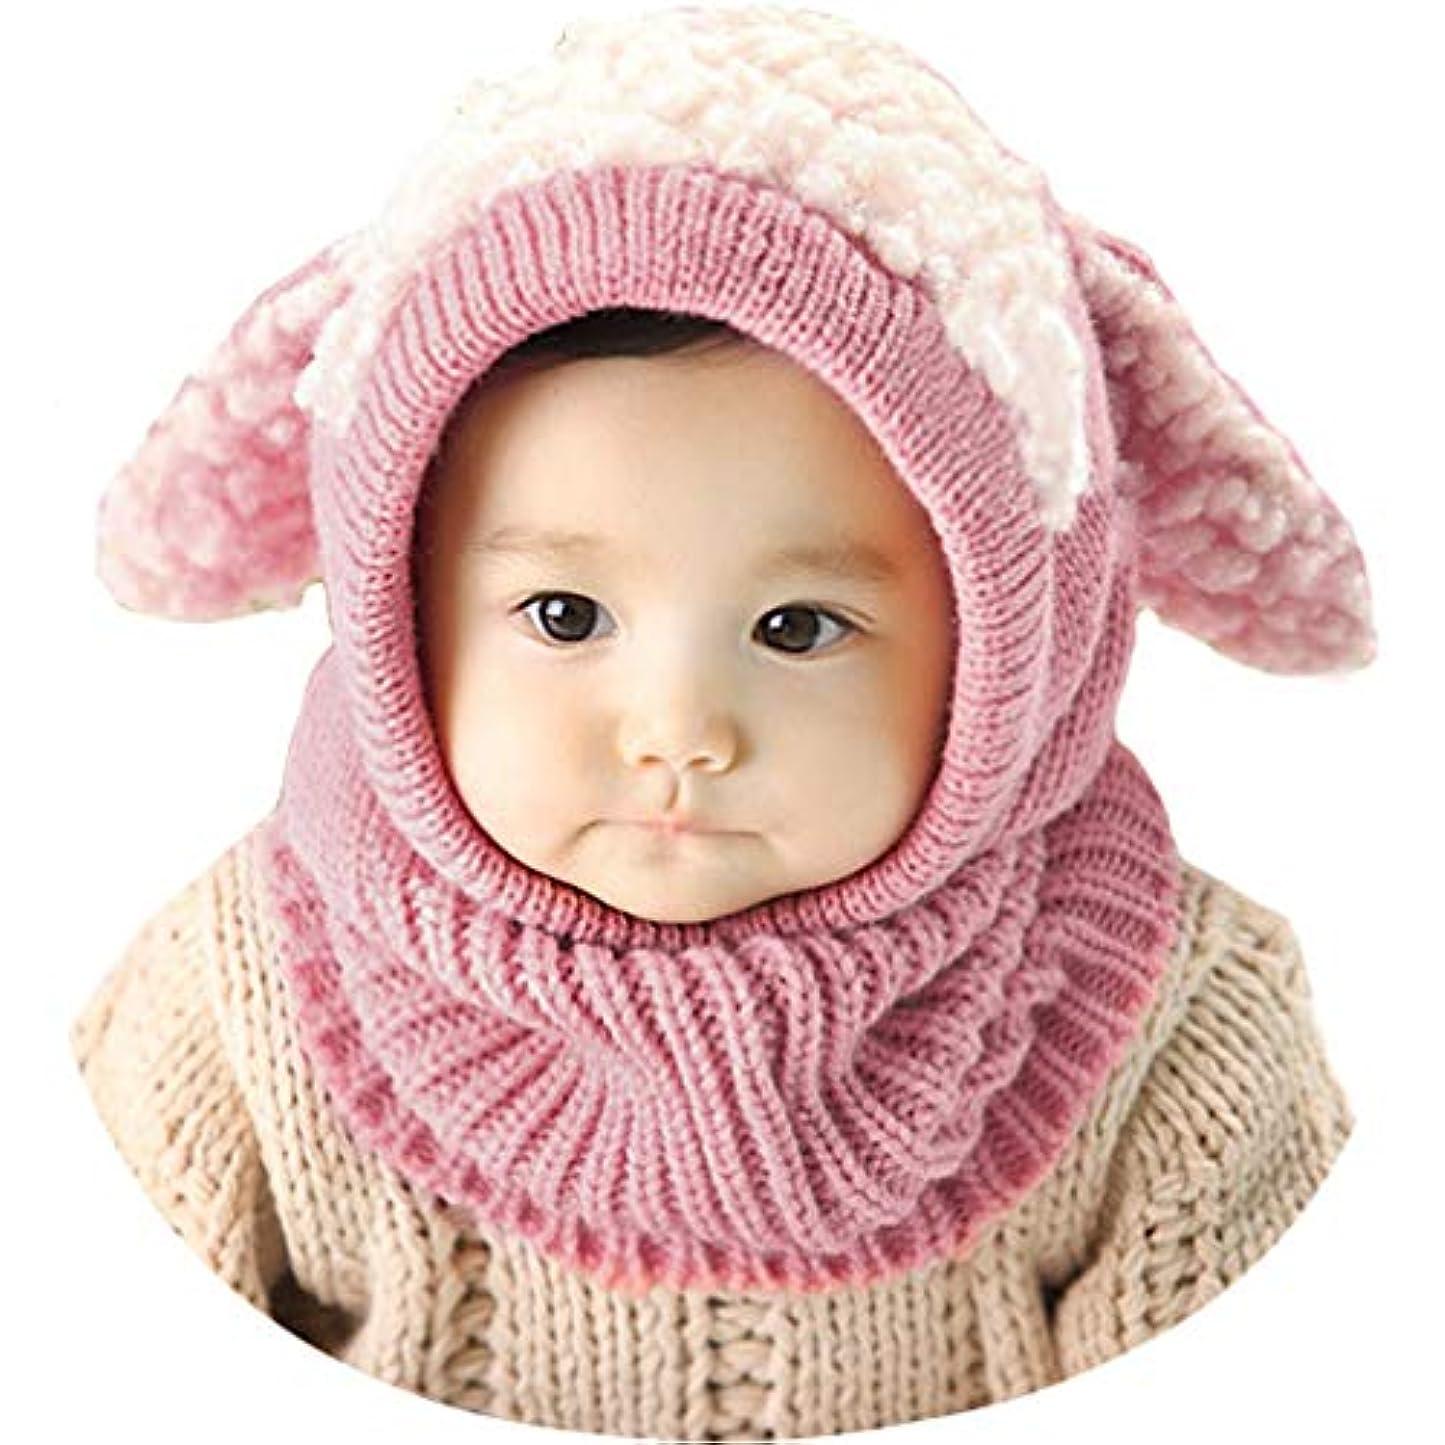 メルボルン時系列外科医Y-BOA ベビー 赤ちゃん 帽子 ニット ハット キャップ 耳あてうさぎちゃん風 可愛い 秋冬 防寒保温 女の子 男の子 キッズ コスチューム 写真撮影 出産祝い ピンク